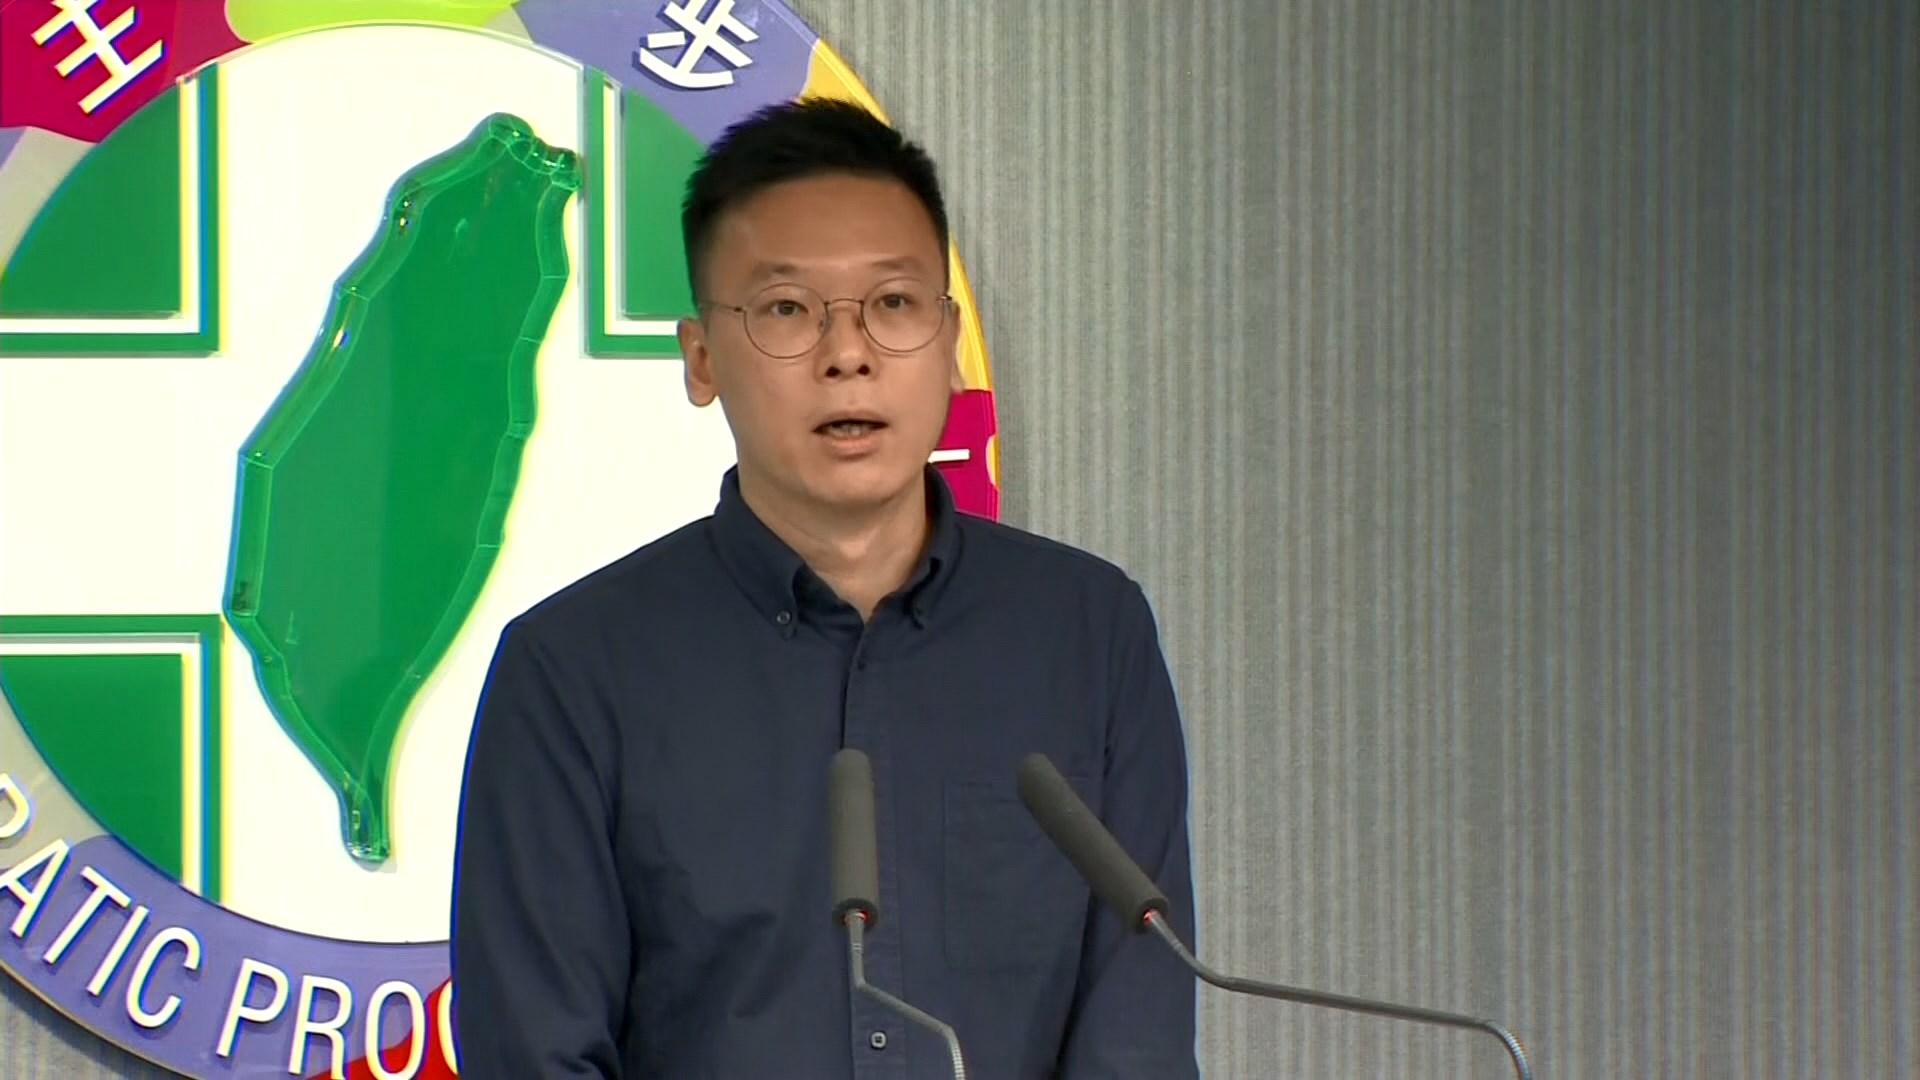 太陽花學運領袖林飛帆畢業後首份工作獲民進黨高職